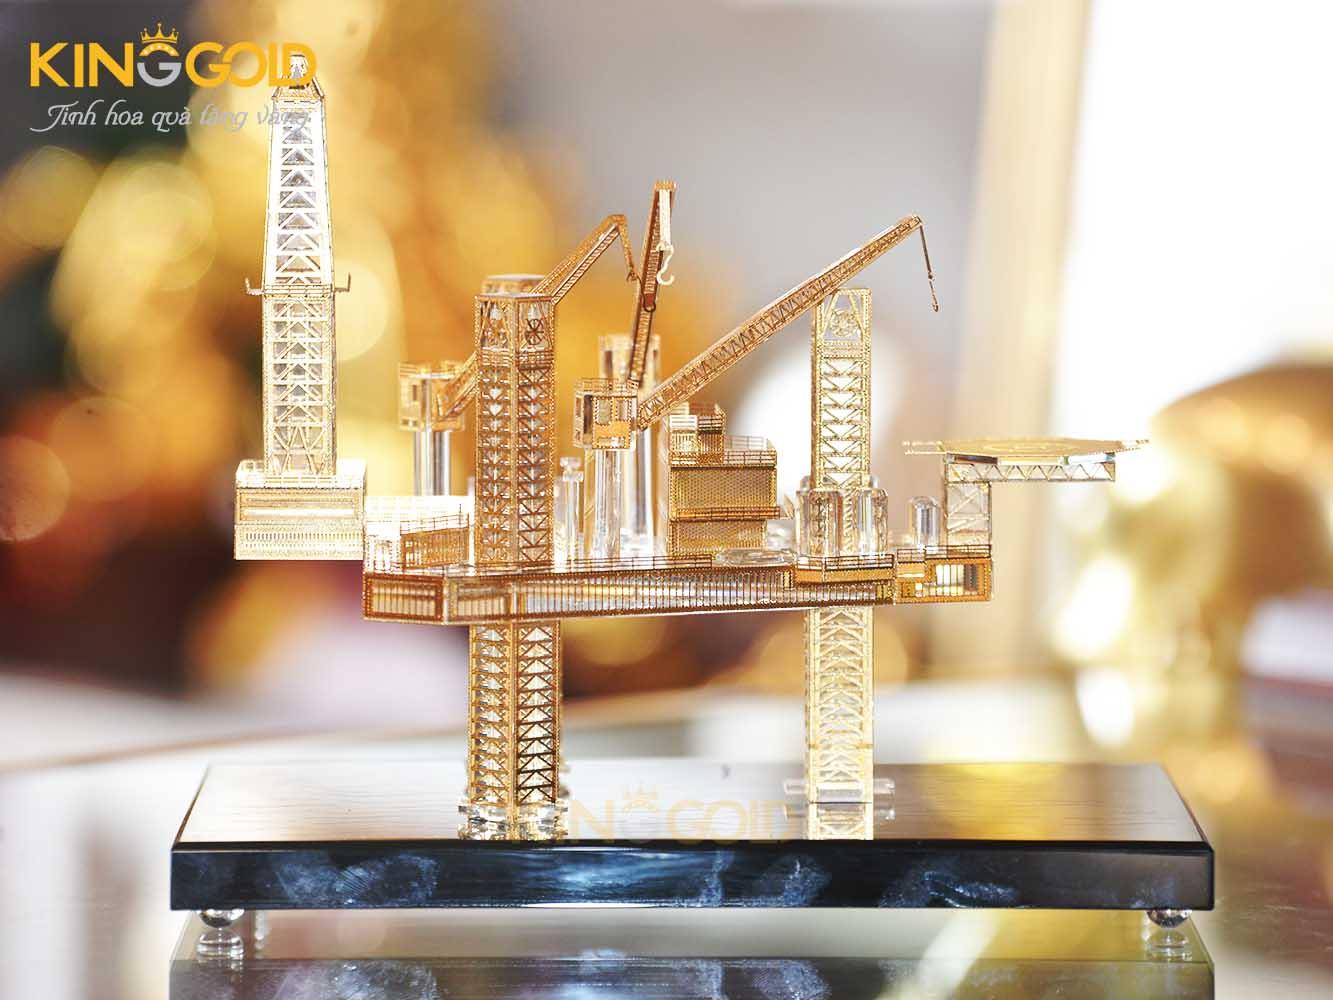 Mô hình dàn khoan mạ vàng 24k làm quà tặng ý nghĩa